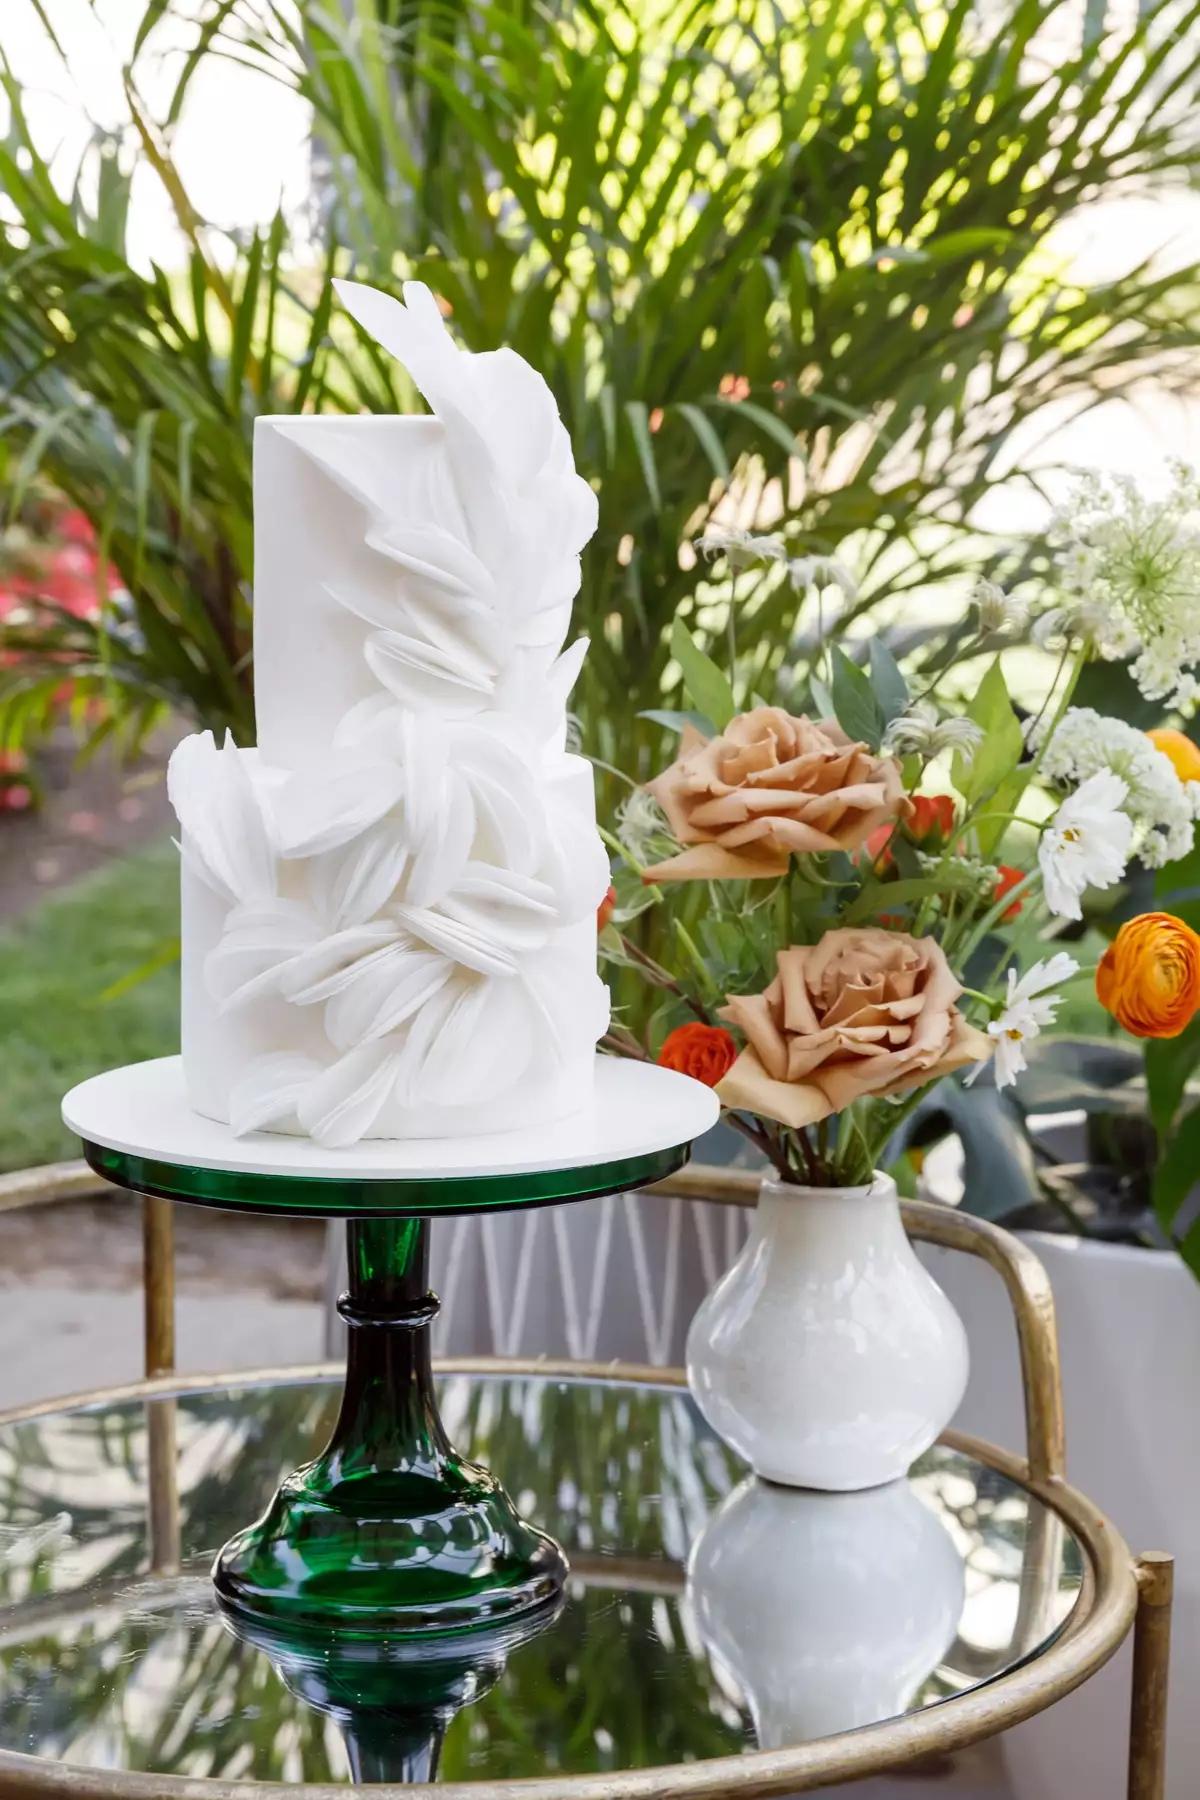 mbNpQUK8O1Q - Маленькие свадебные торты